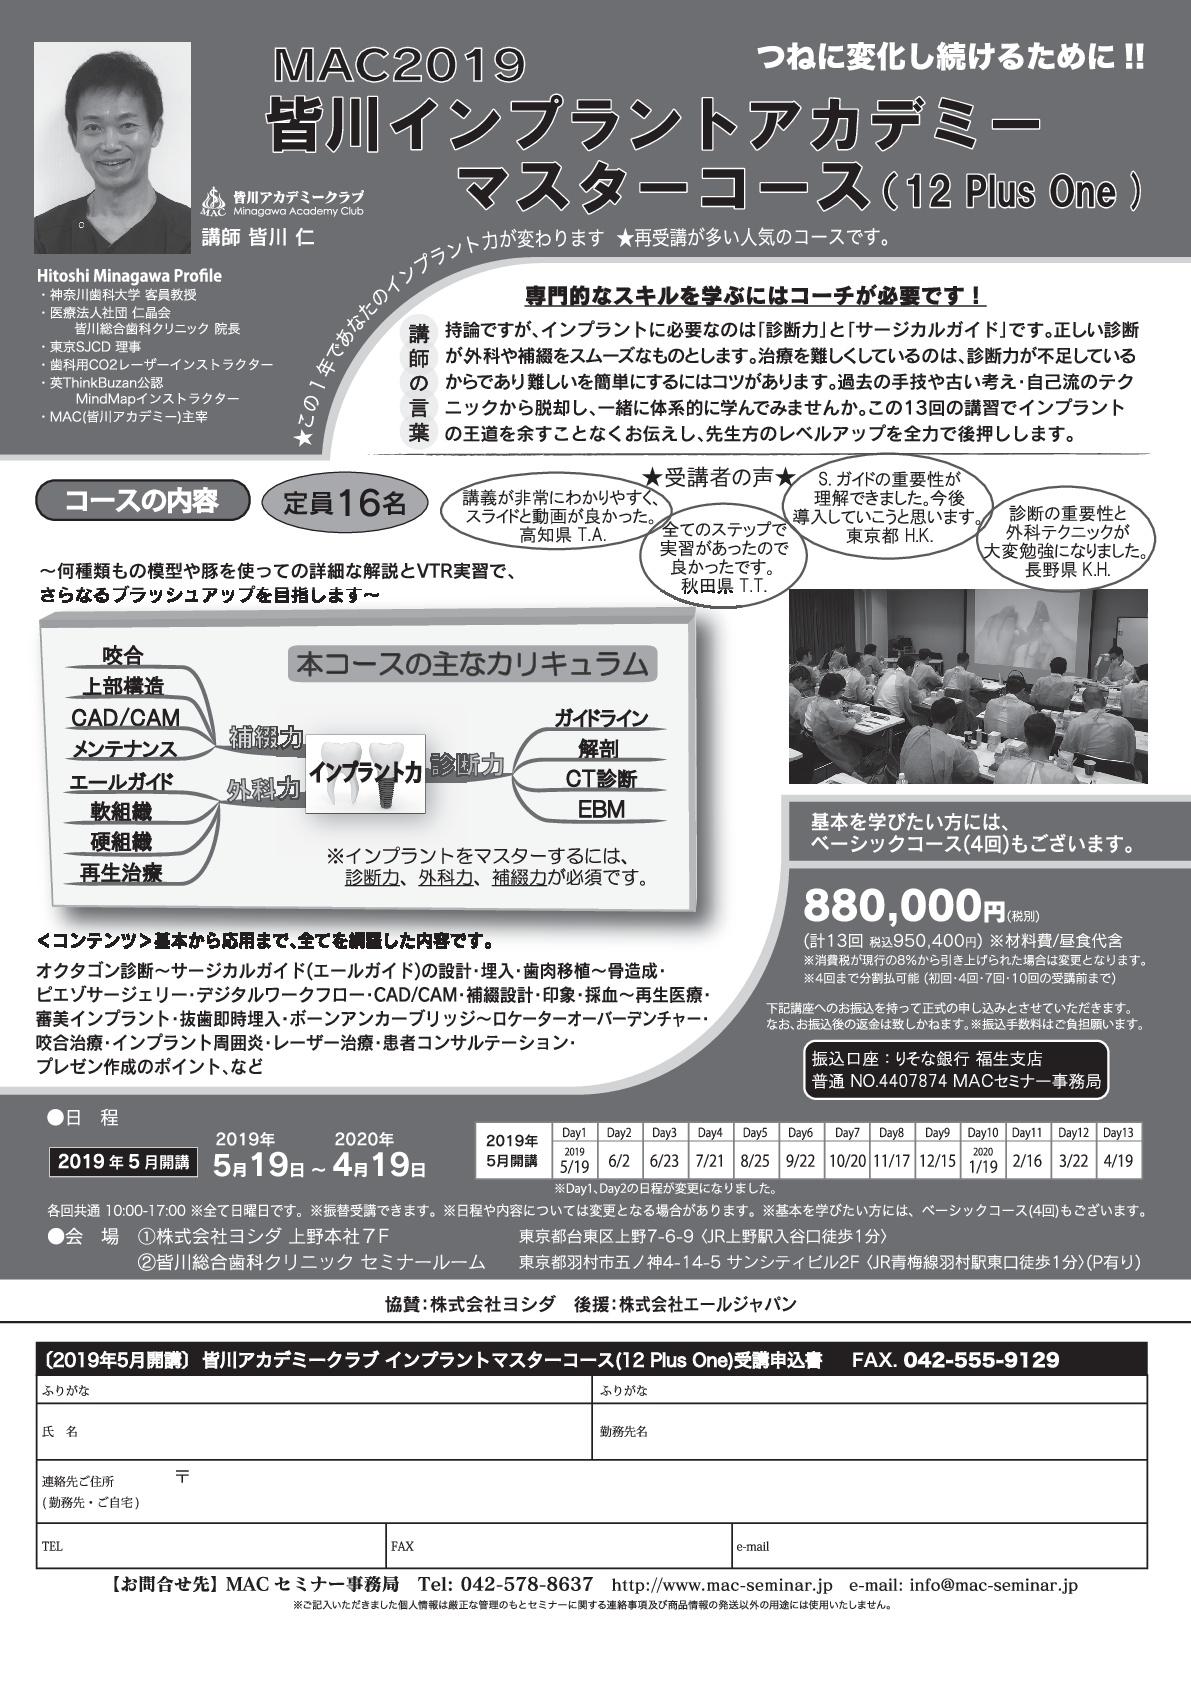 【満席!追加募集中】皆川インプラントアカデミー マスターコース (12 Plus One)